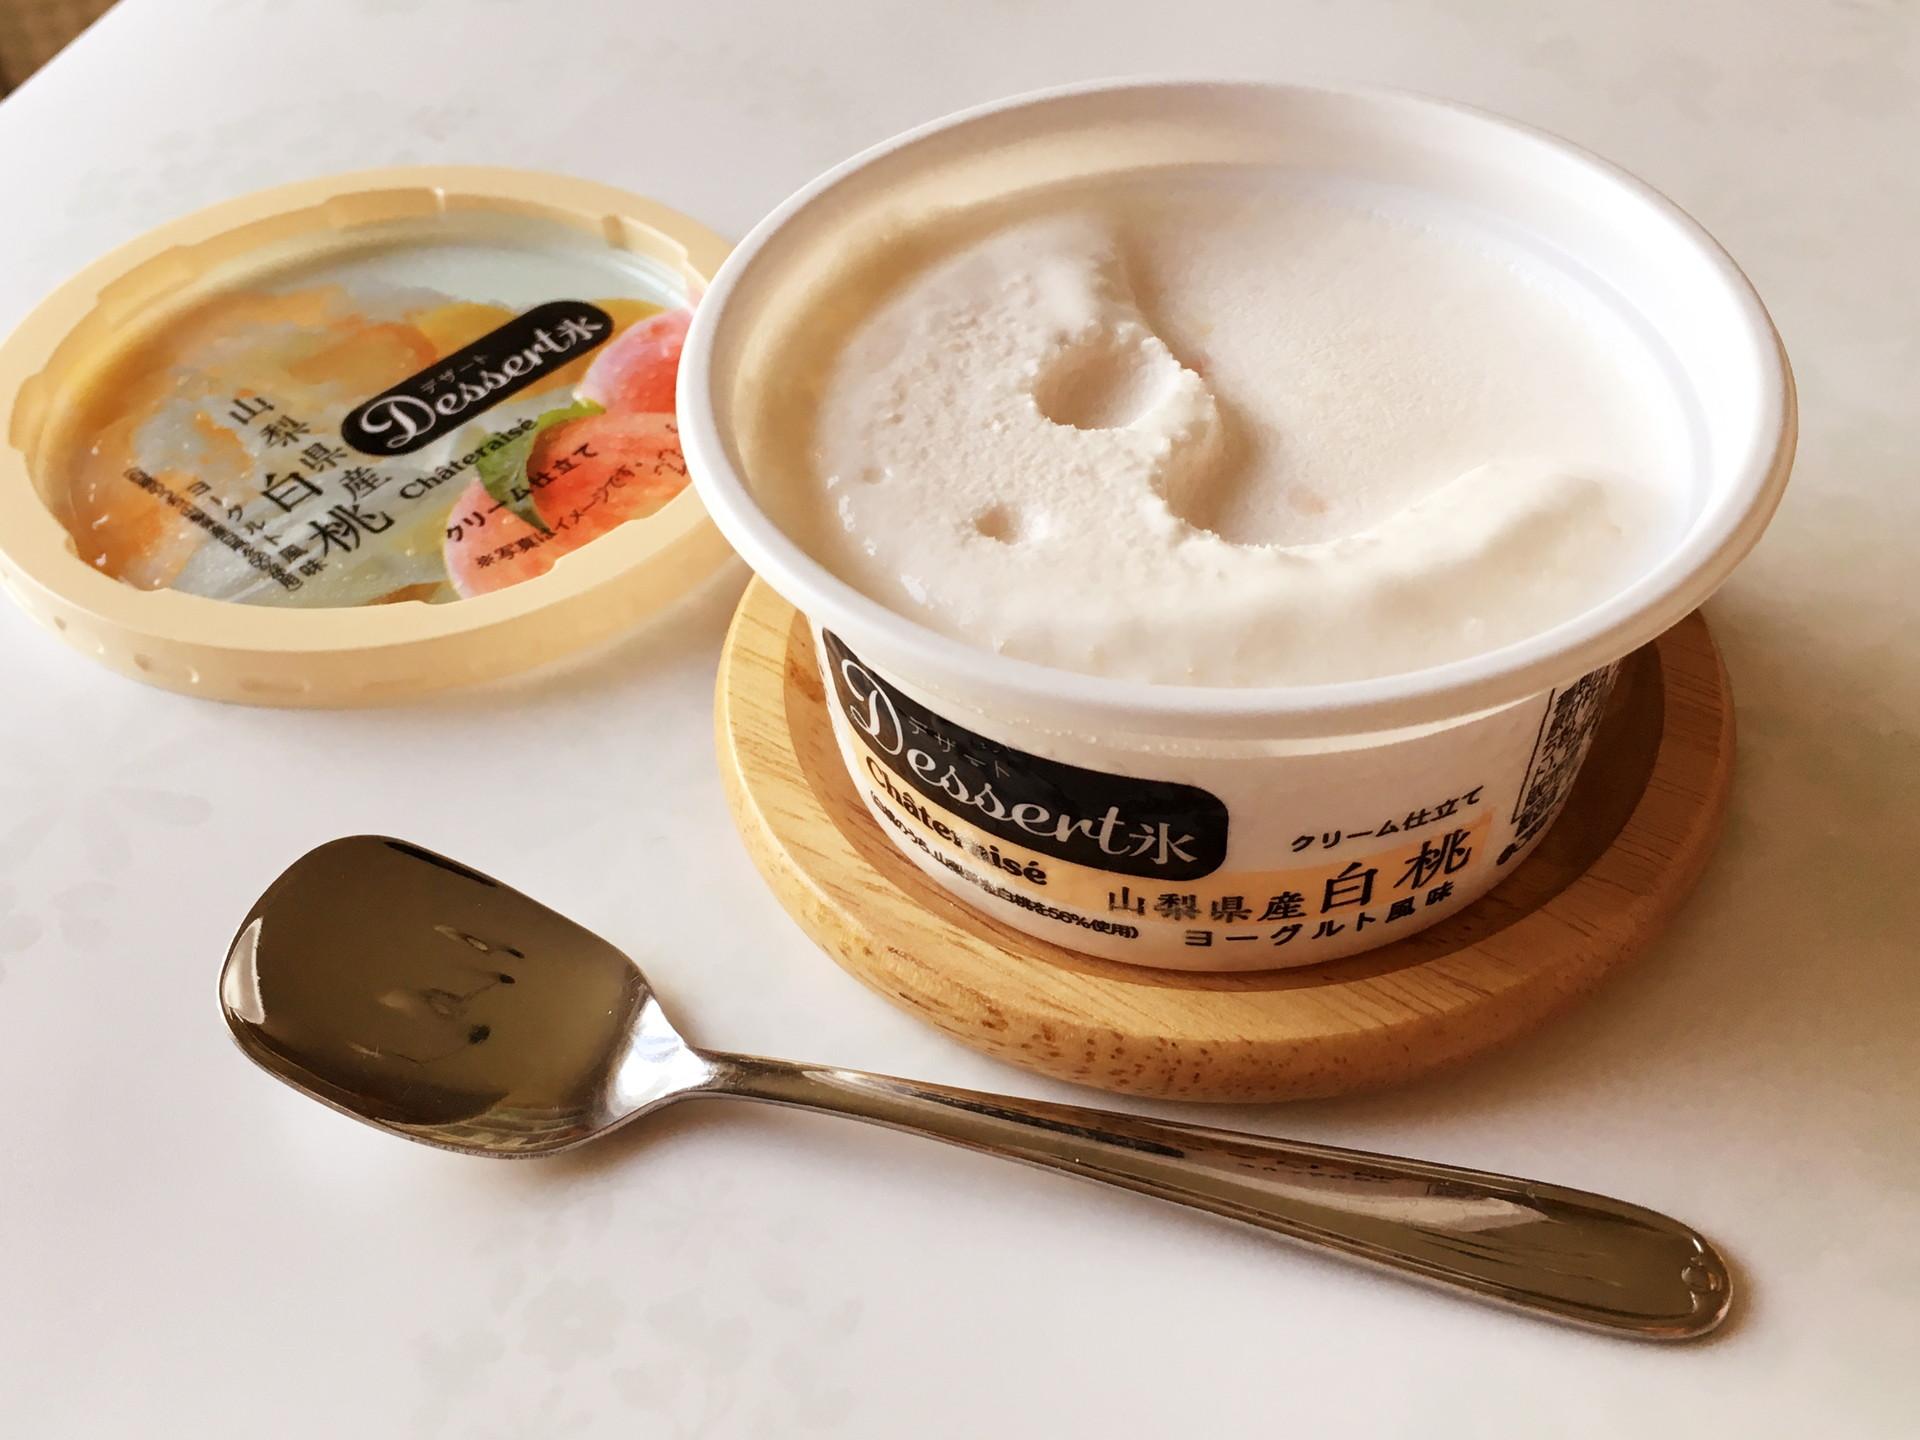 ヨーグルトとピーチの美味しい出会い♡【シャトレーゼ】DESSERT氷クリーム仕立て 白桃